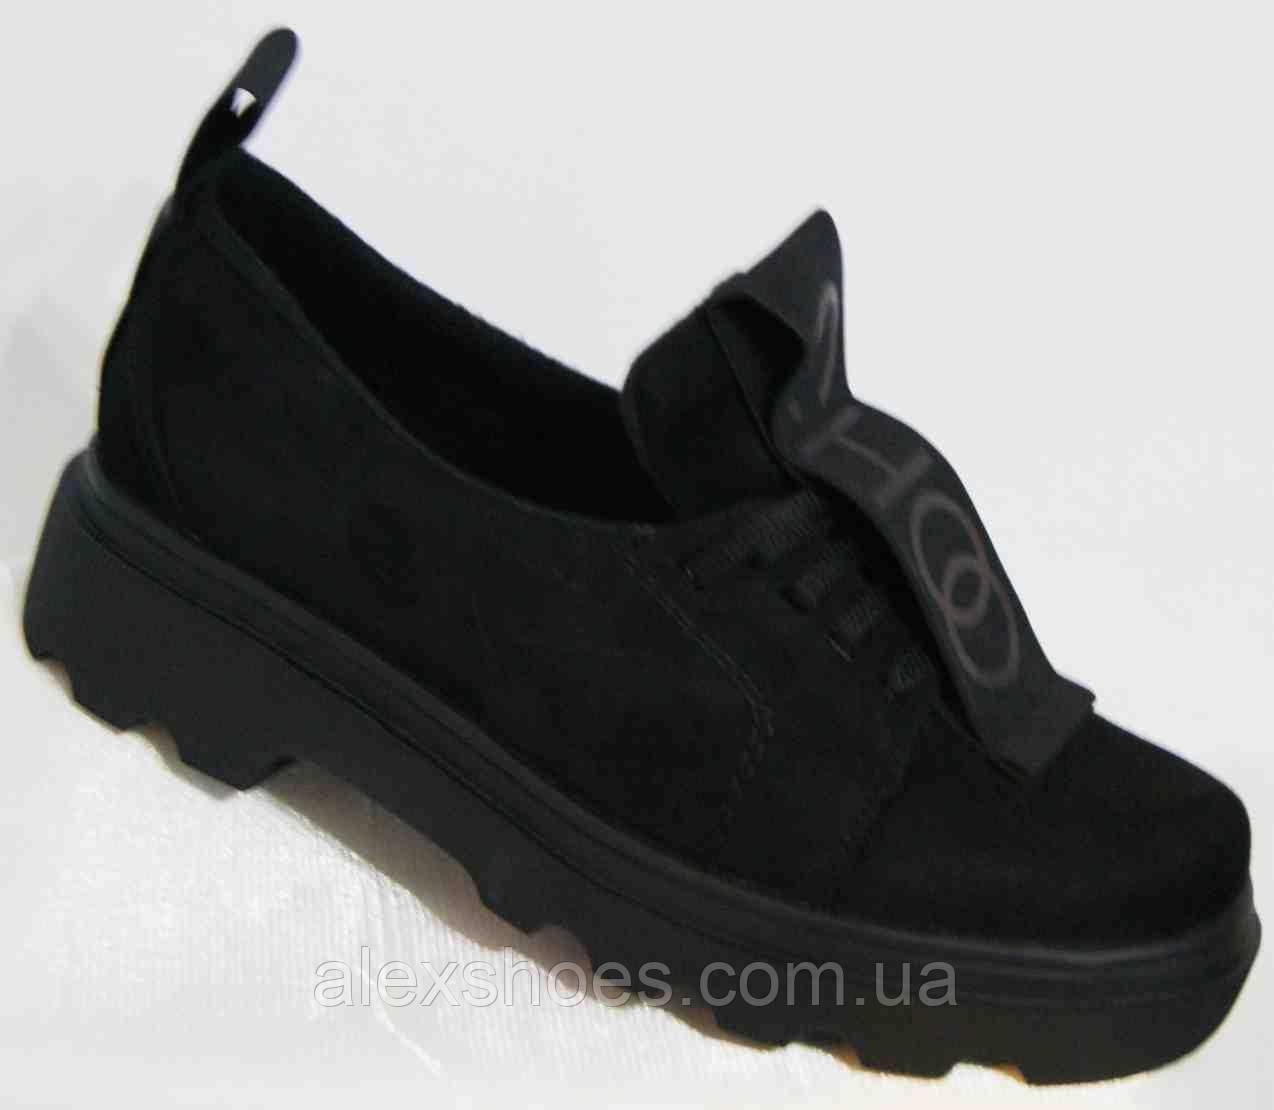 Туфли женские большого размера из натуральной замши от производителя модель В3544-36z